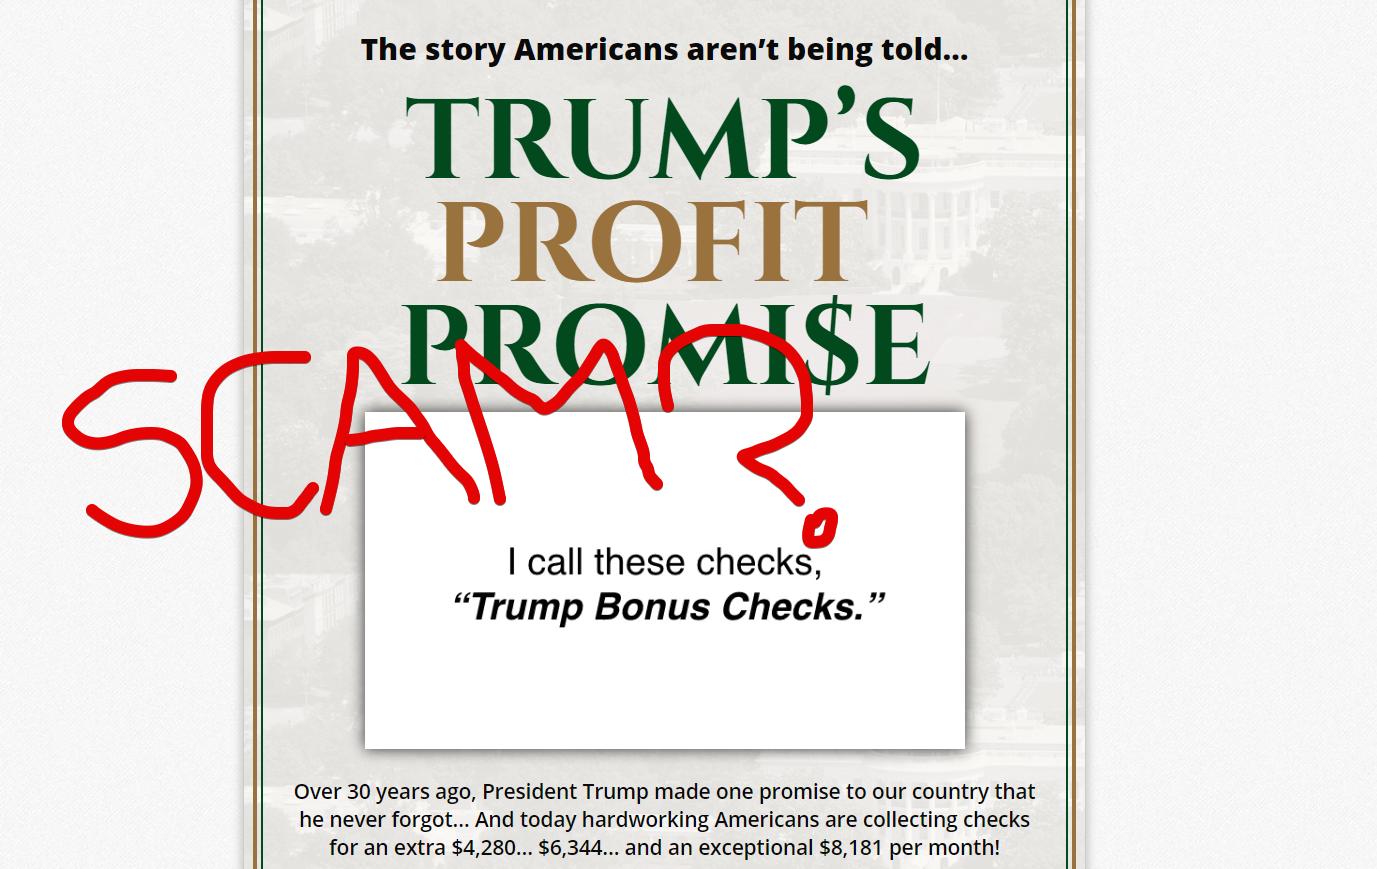 Trump Bonus Checks Scam